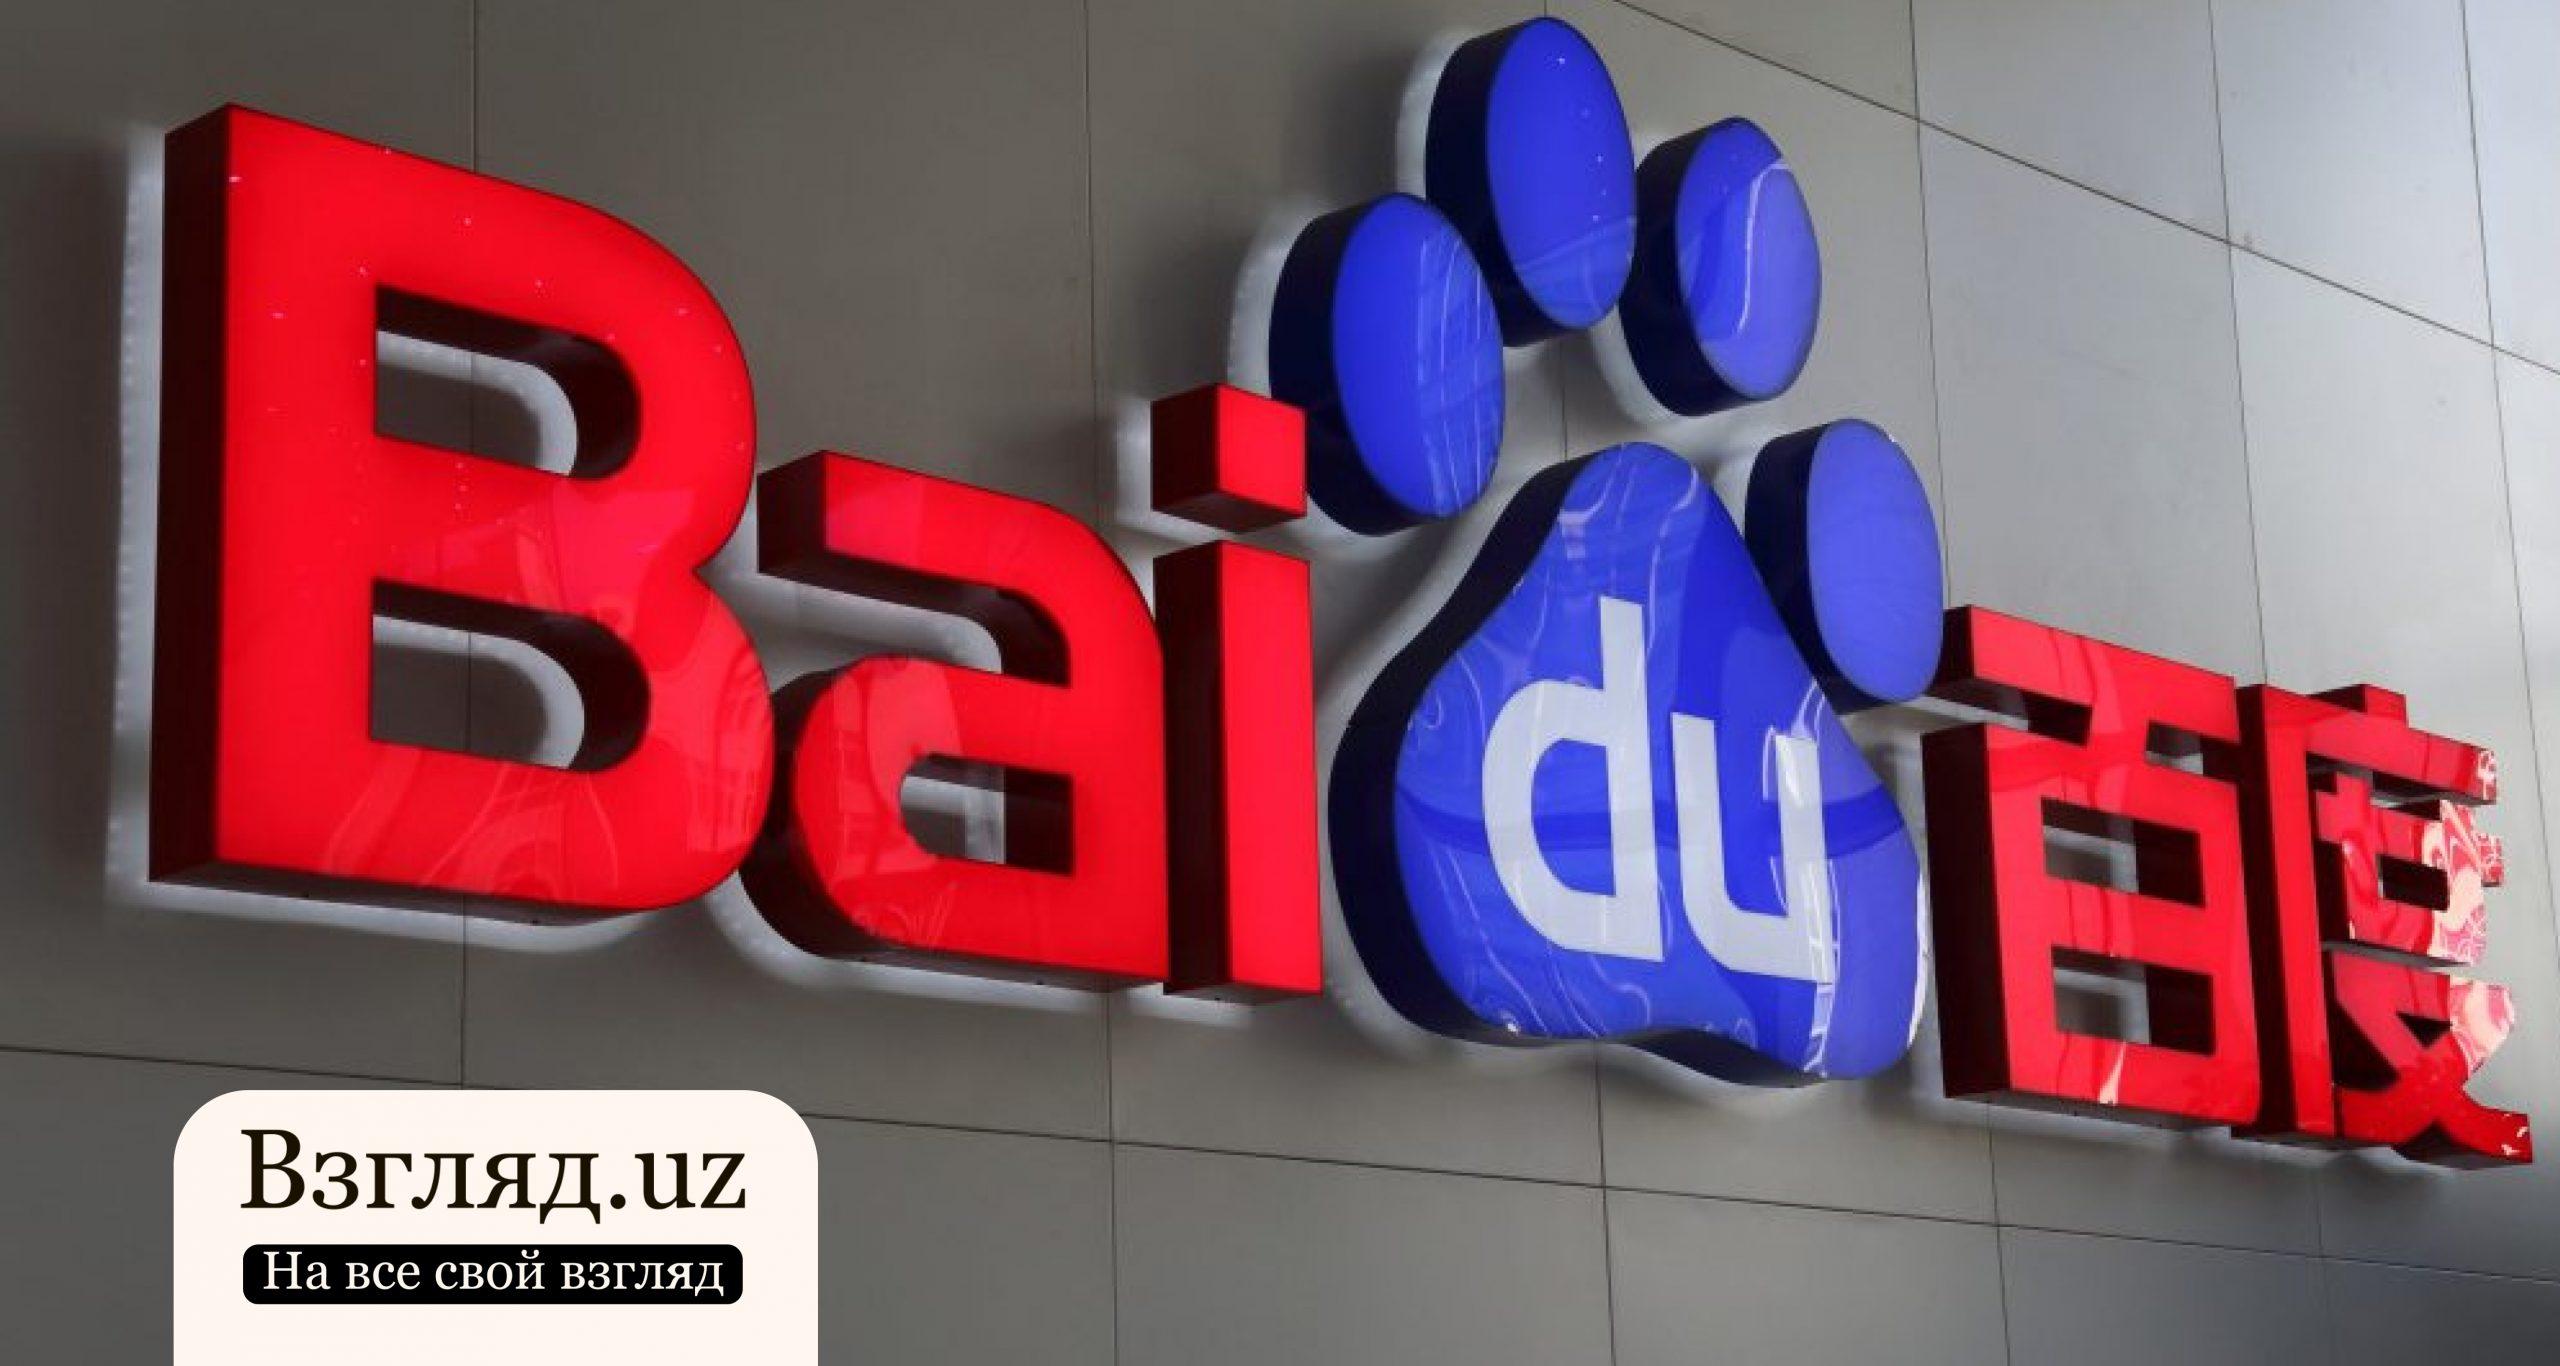 Китайский интернет-гигант Baidu разместил акции на более чем три миллиарда долларов